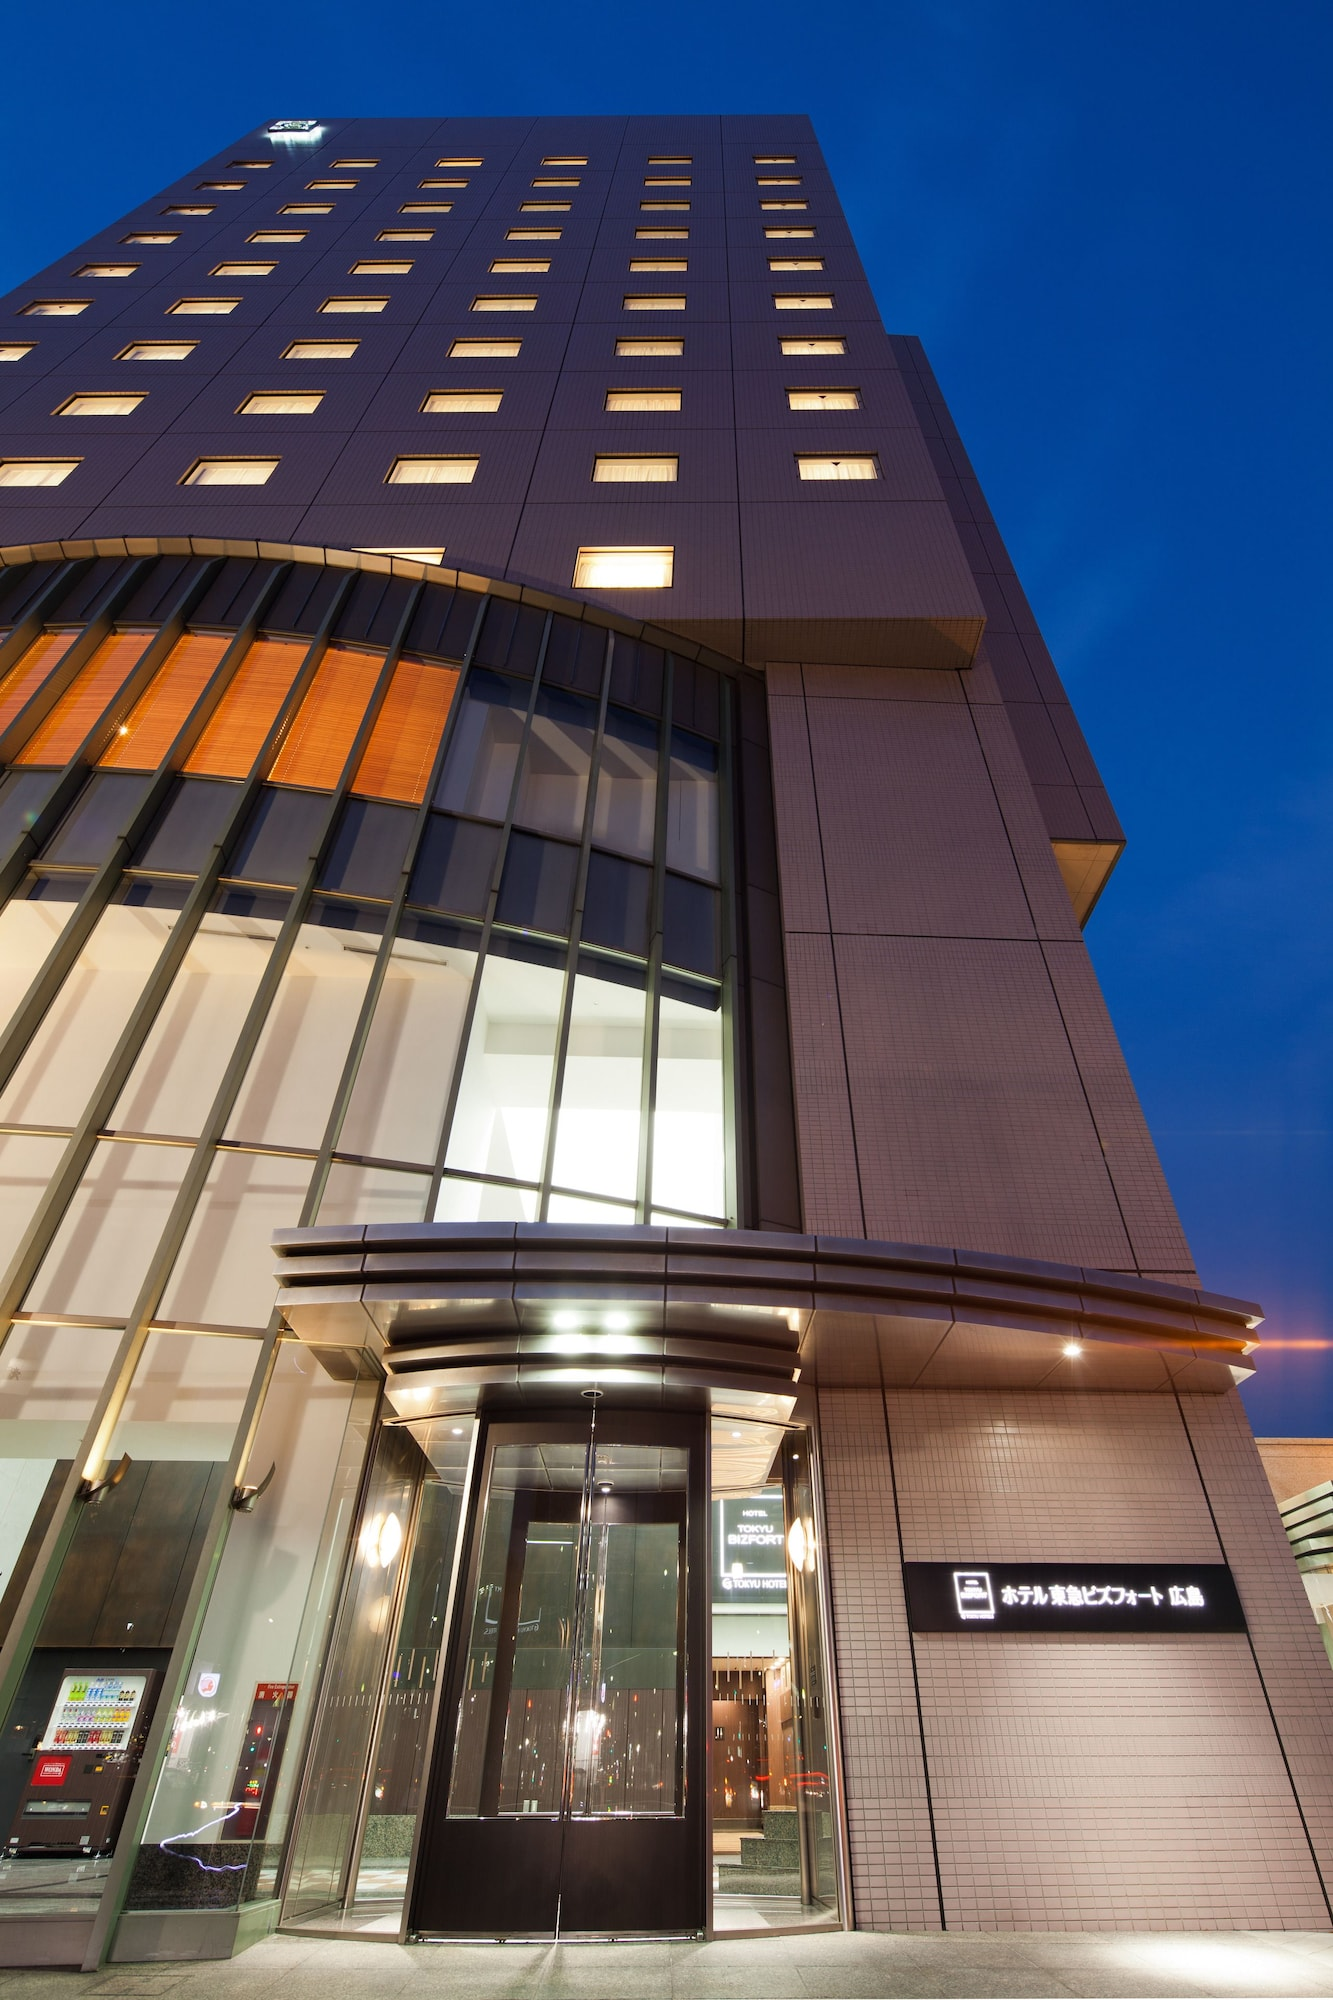 Hiroshima Tokyu REI Hotel, Hiroshima